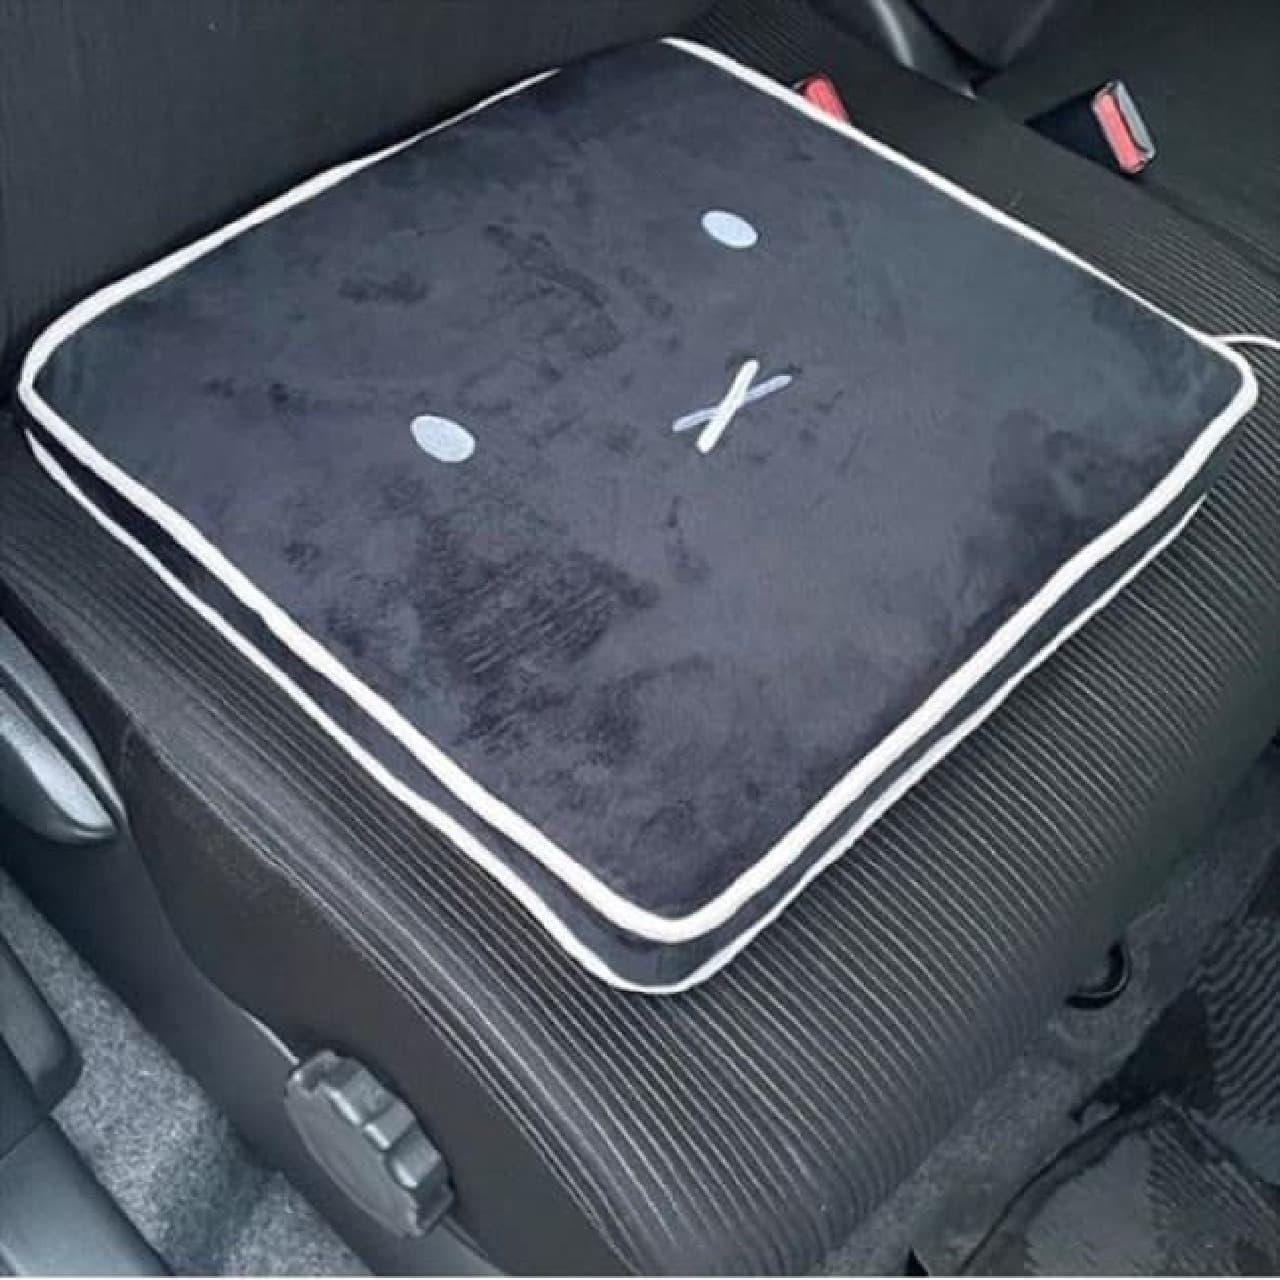 ミッフィーのUSBクッションウォーマーがヴィレヴァンに -- 仕事中・車内の座席を温かく